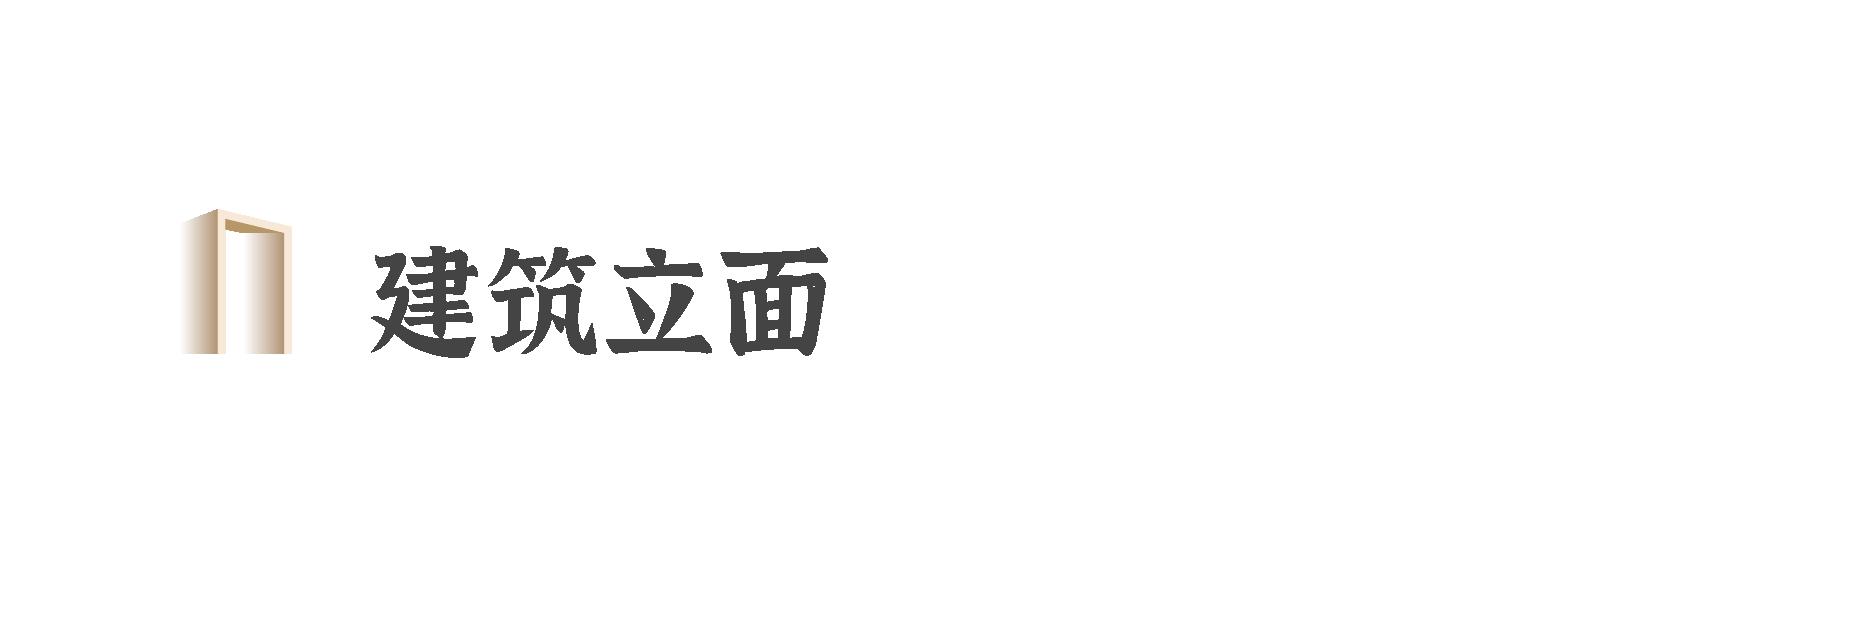 大主题-09.png